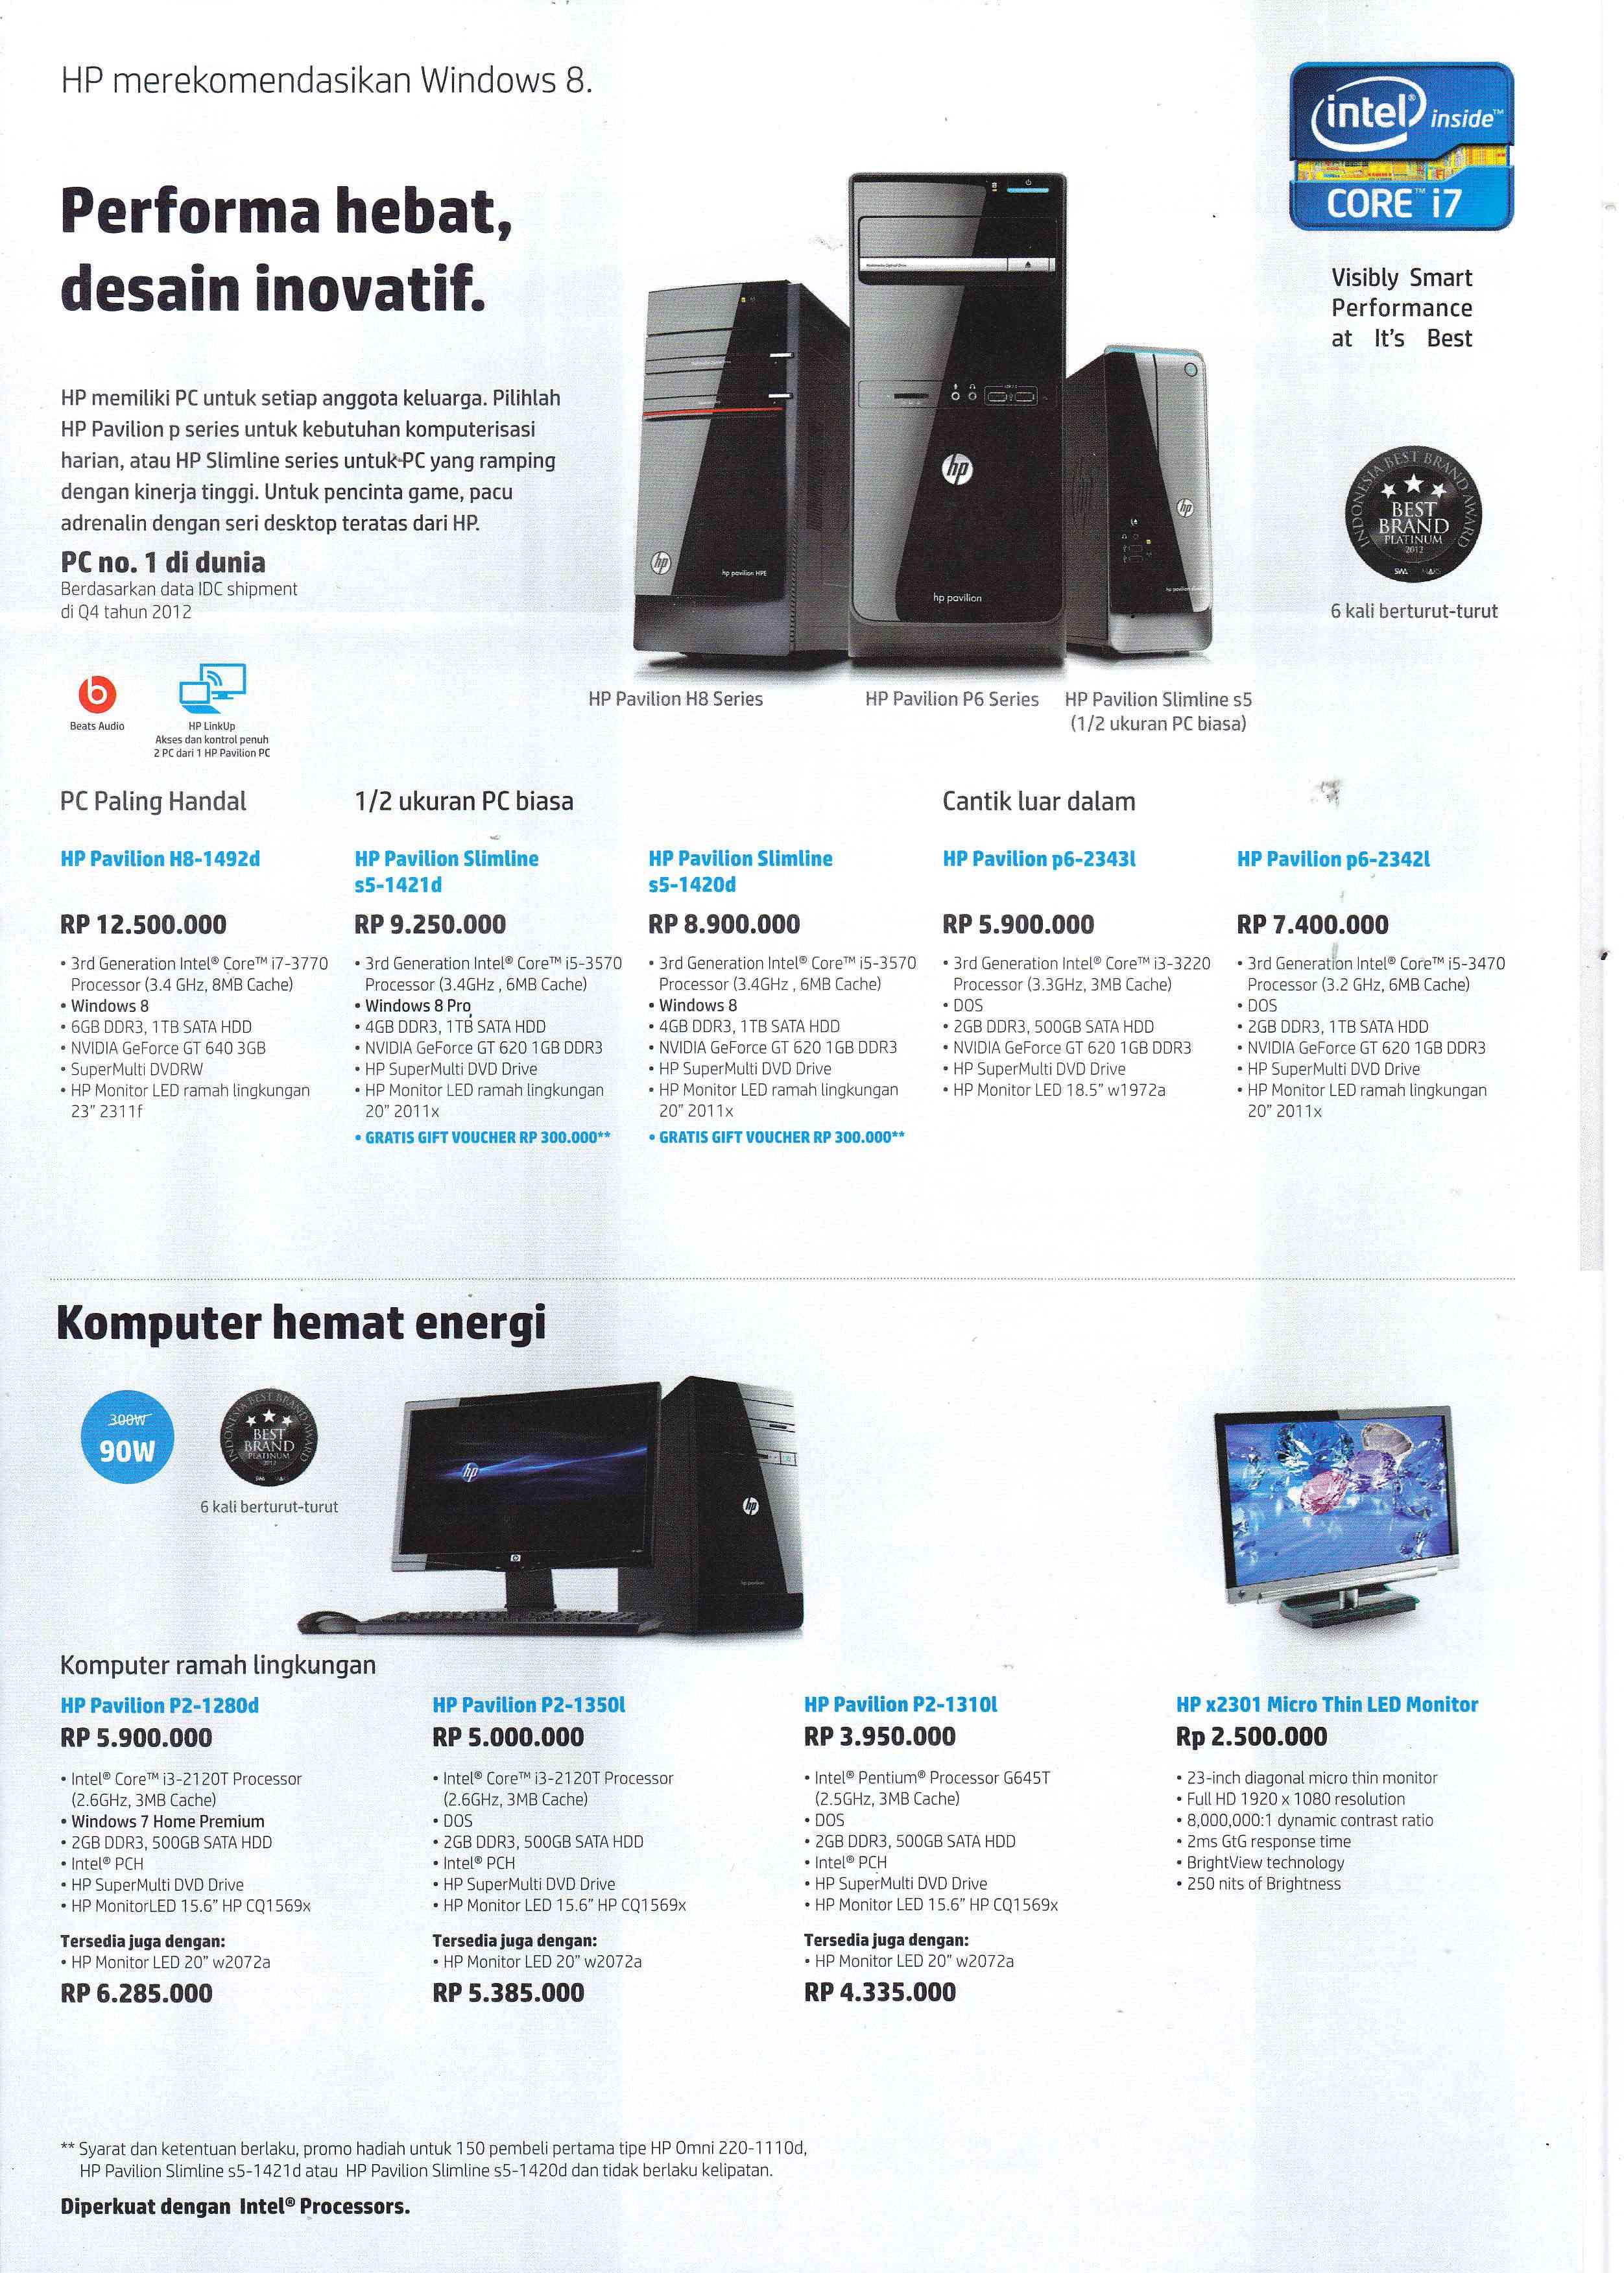 Envy 23 d045d TouchSmart AIO Rp 15 750 000